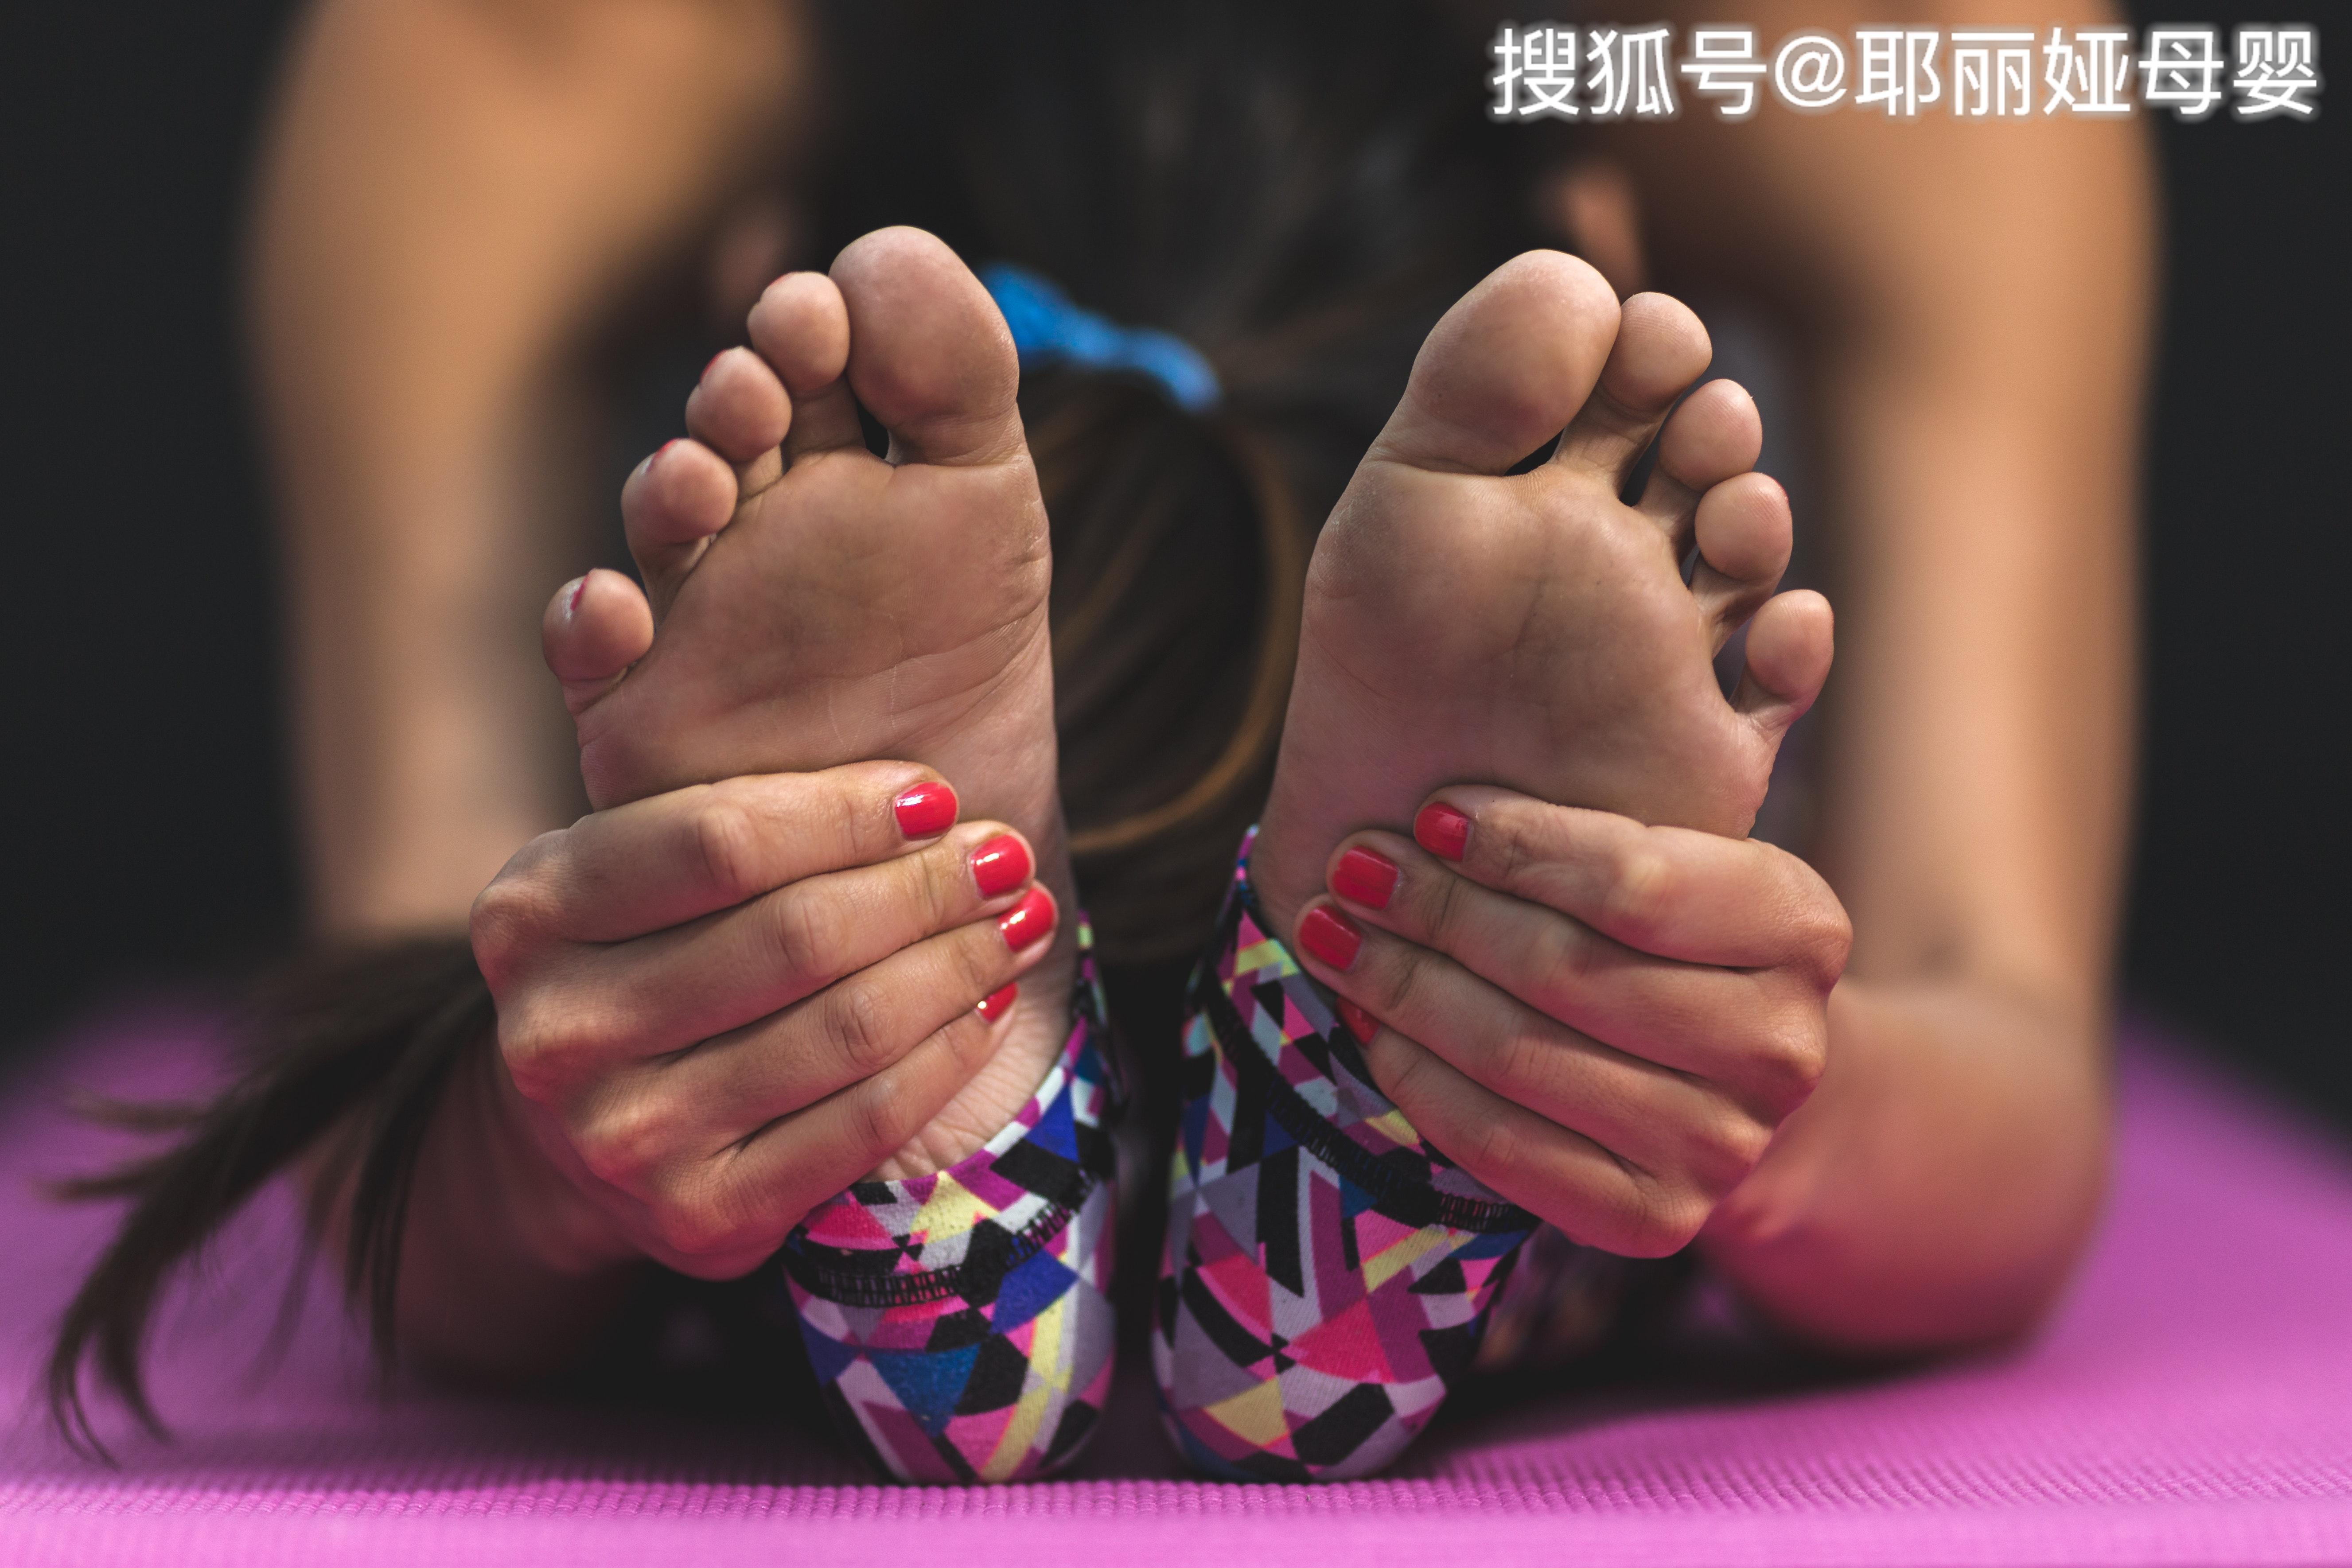 一到夏天脚就肿是什么原因呢